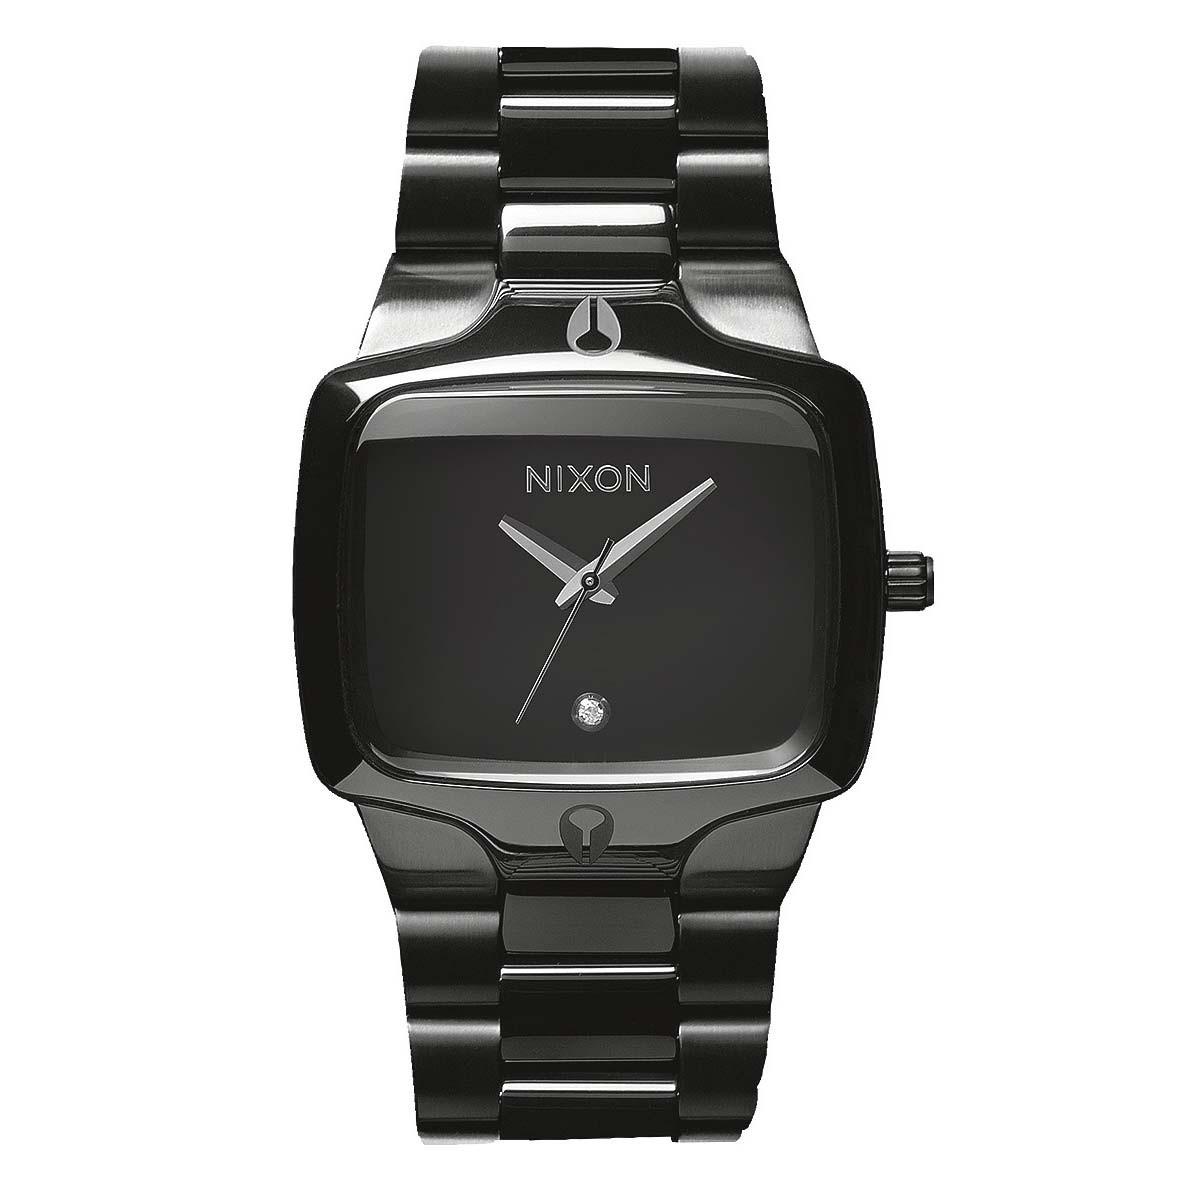 Hodinky Nixon Player all black vel.ocel 15 + doručení do 24 hodin